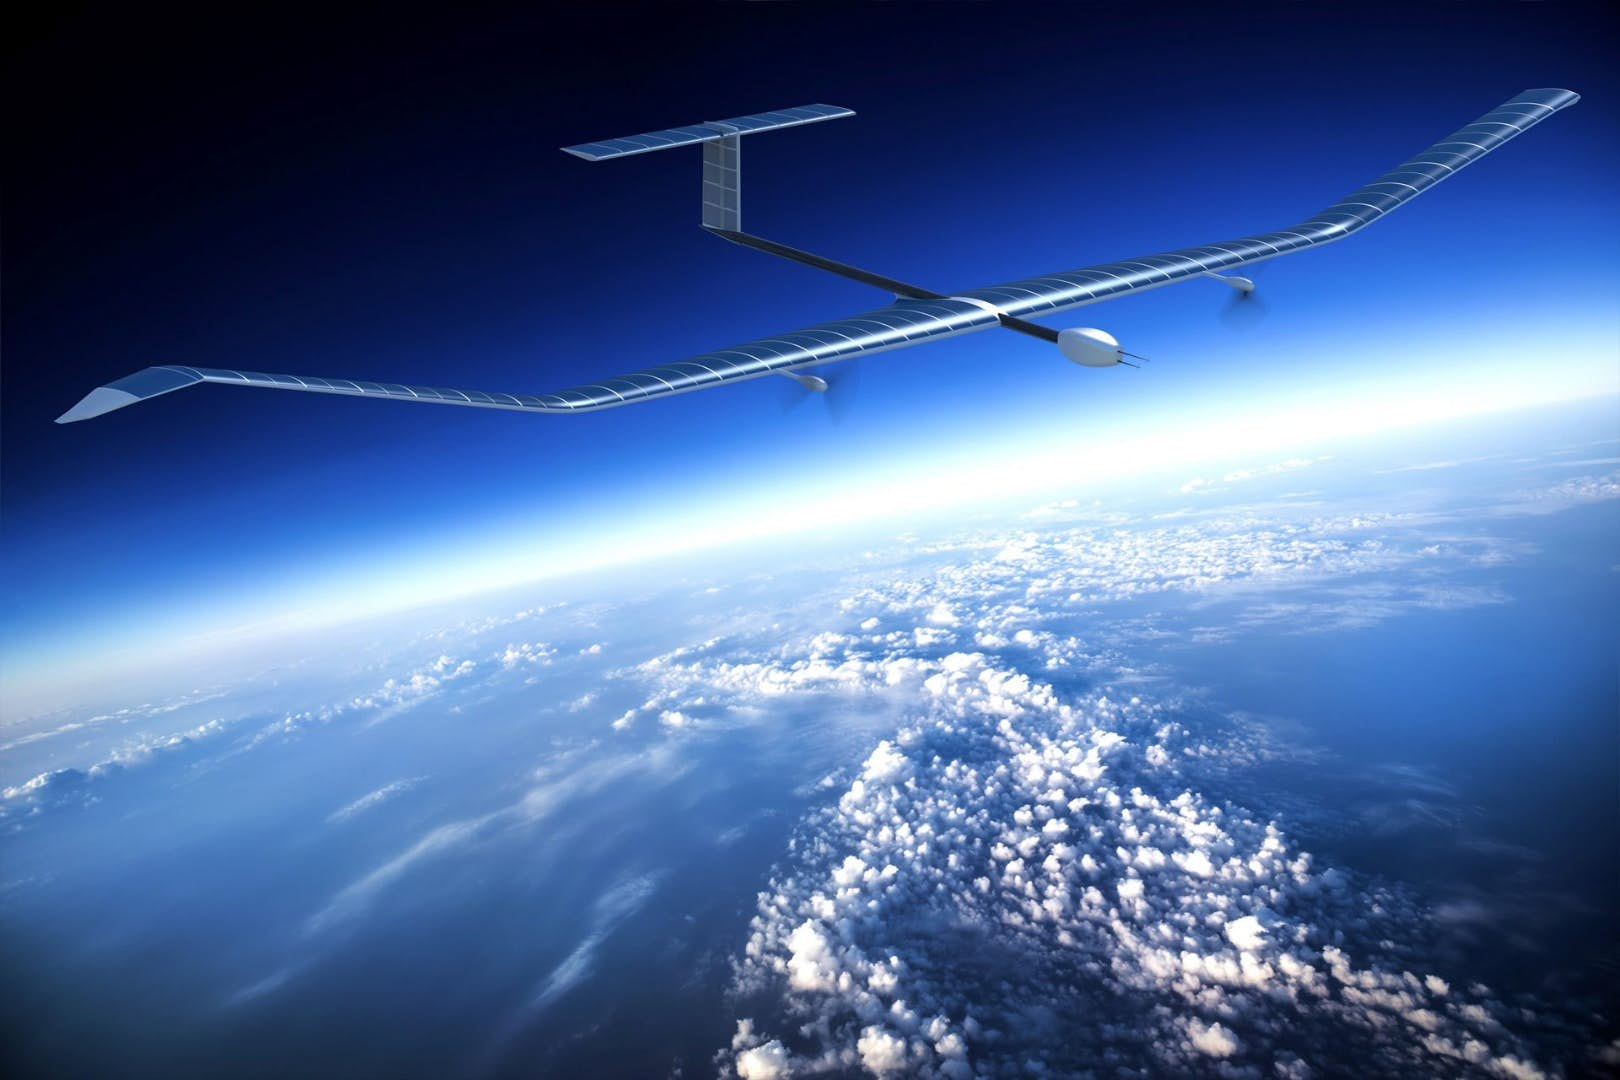 连续飞行超25天 空客新款太阳能无人机首航创纪录